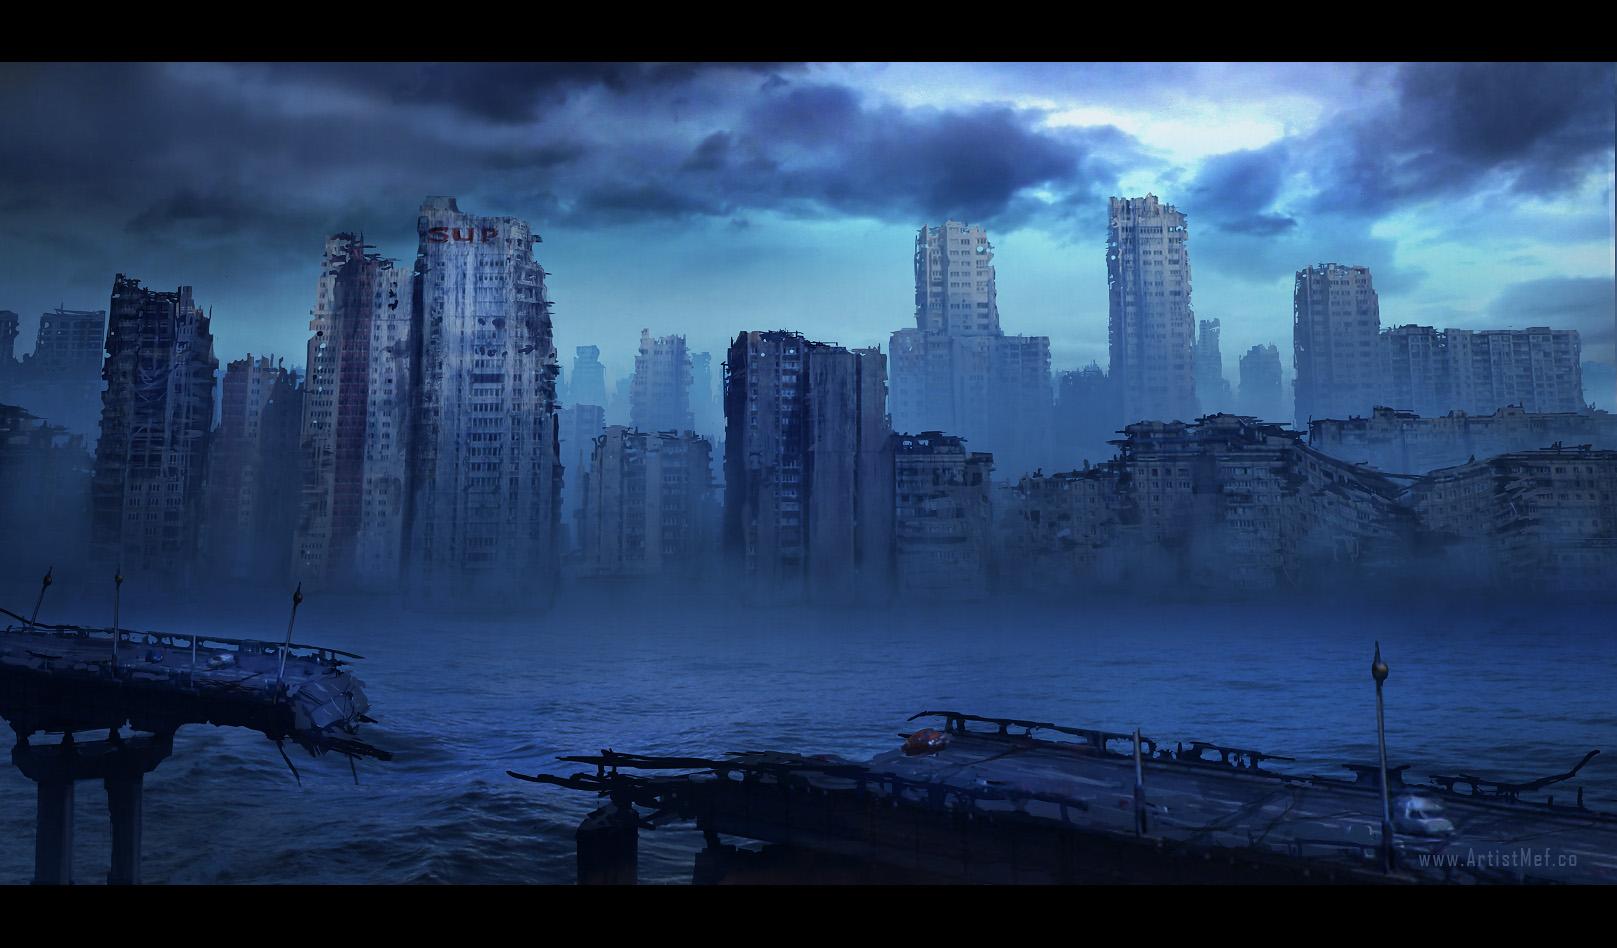 Kiev Cries by ArtistMEF